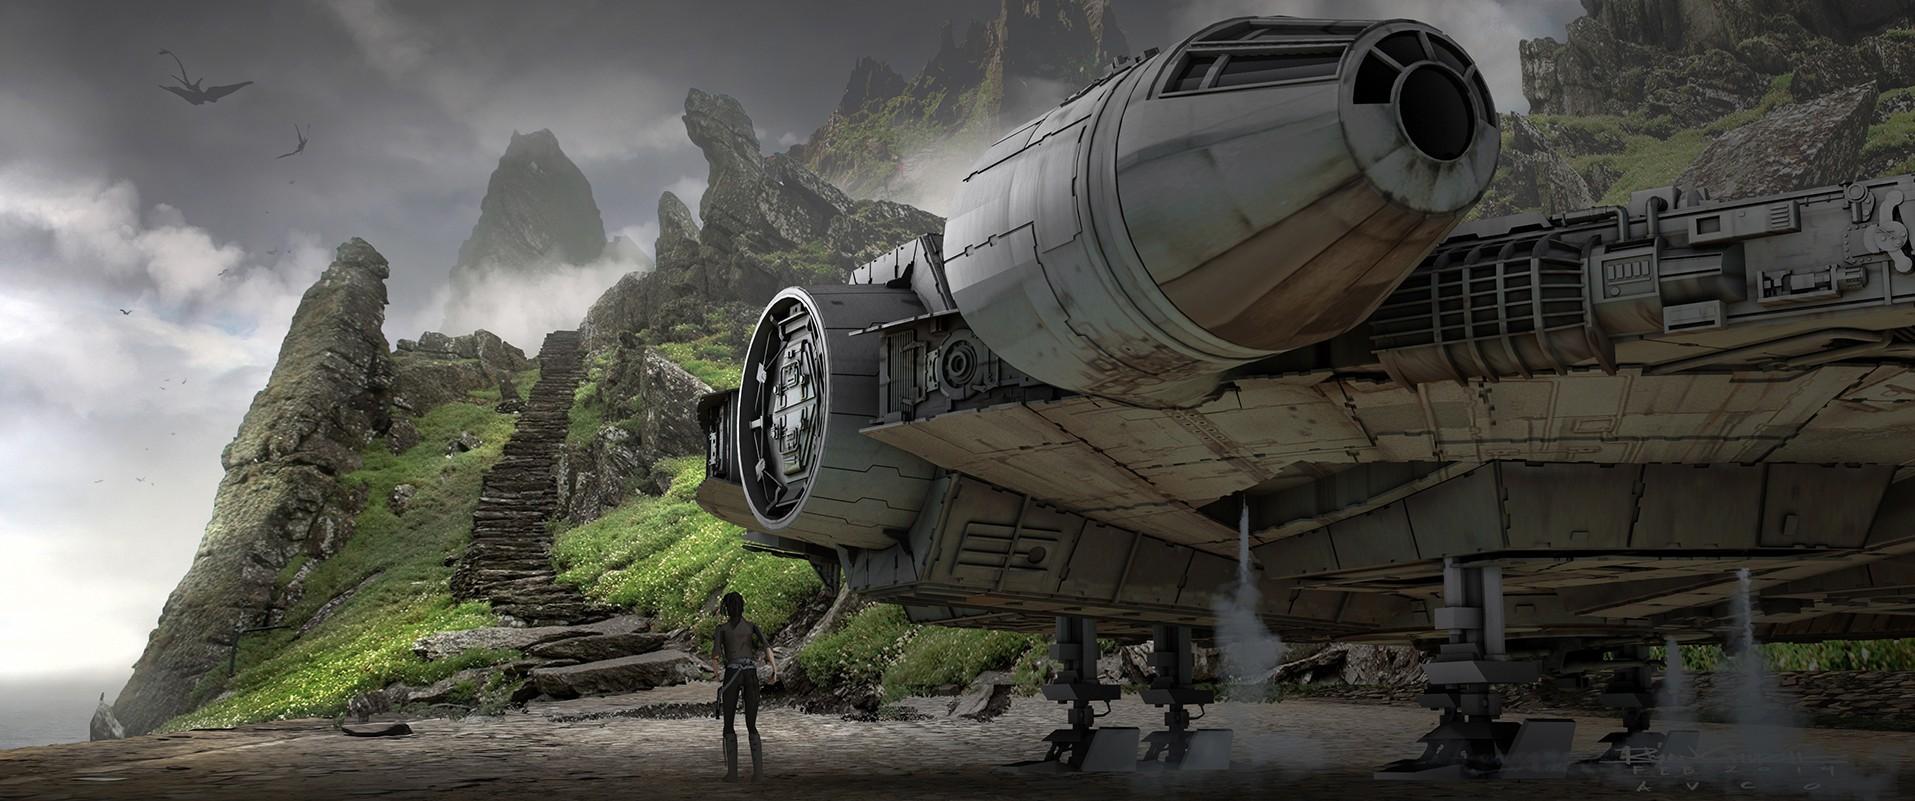 Gotowi na pierwsze zdjęcia z planu Star Wars: Episode VIII? Klimat uległ radykalnej zmianie